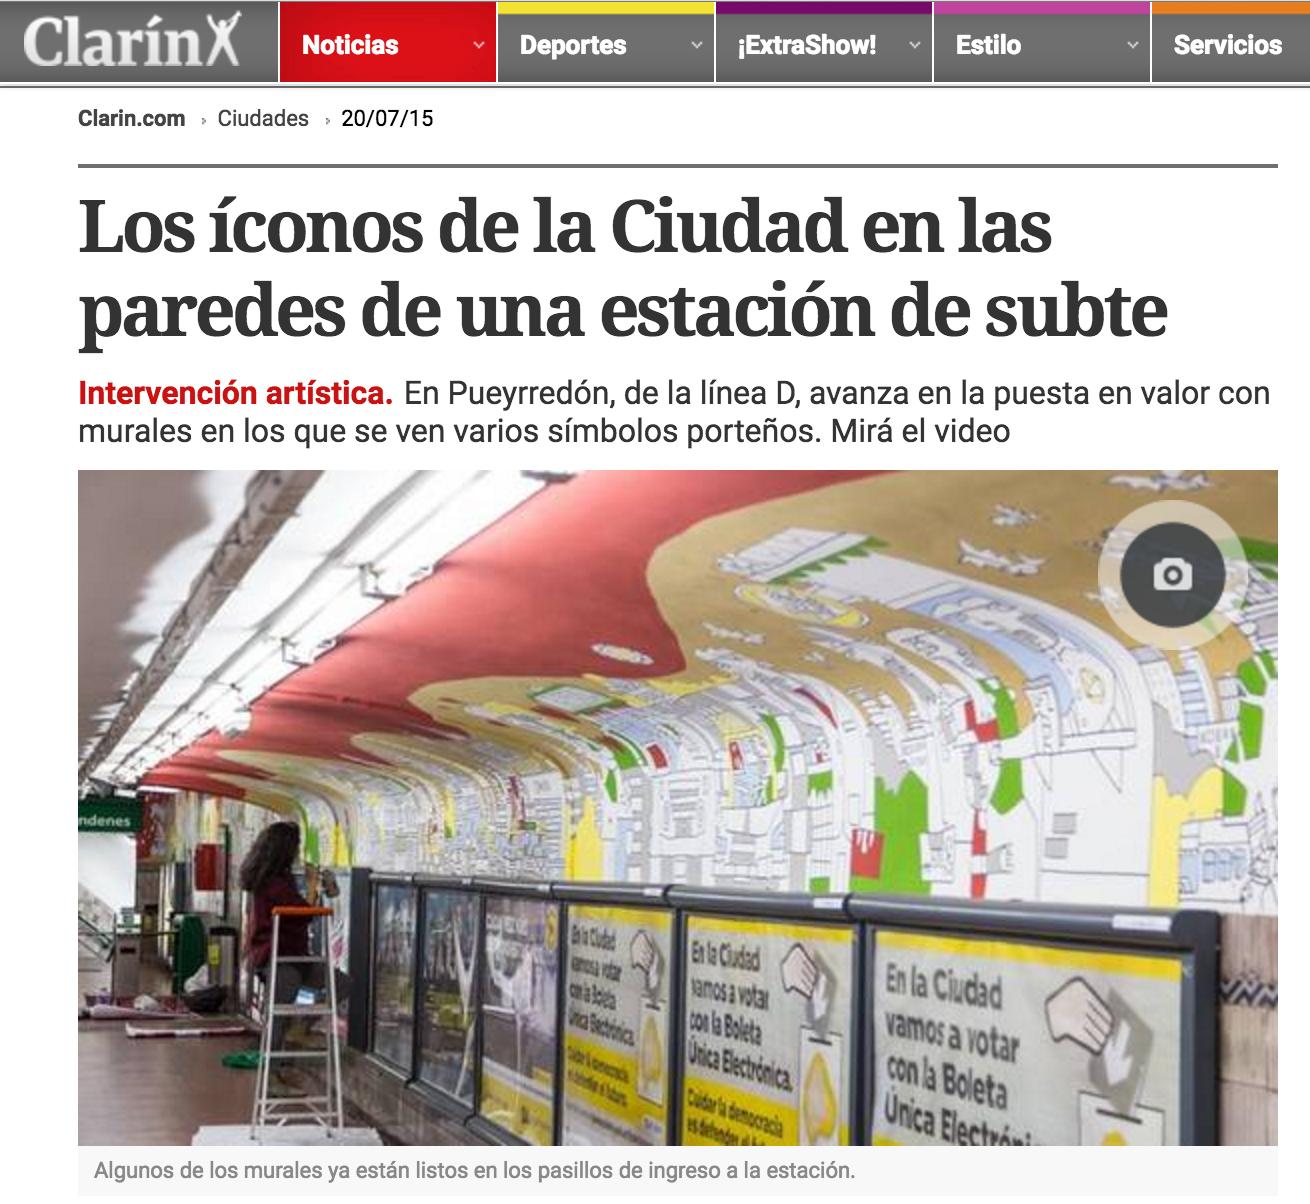 Clarin (2015)